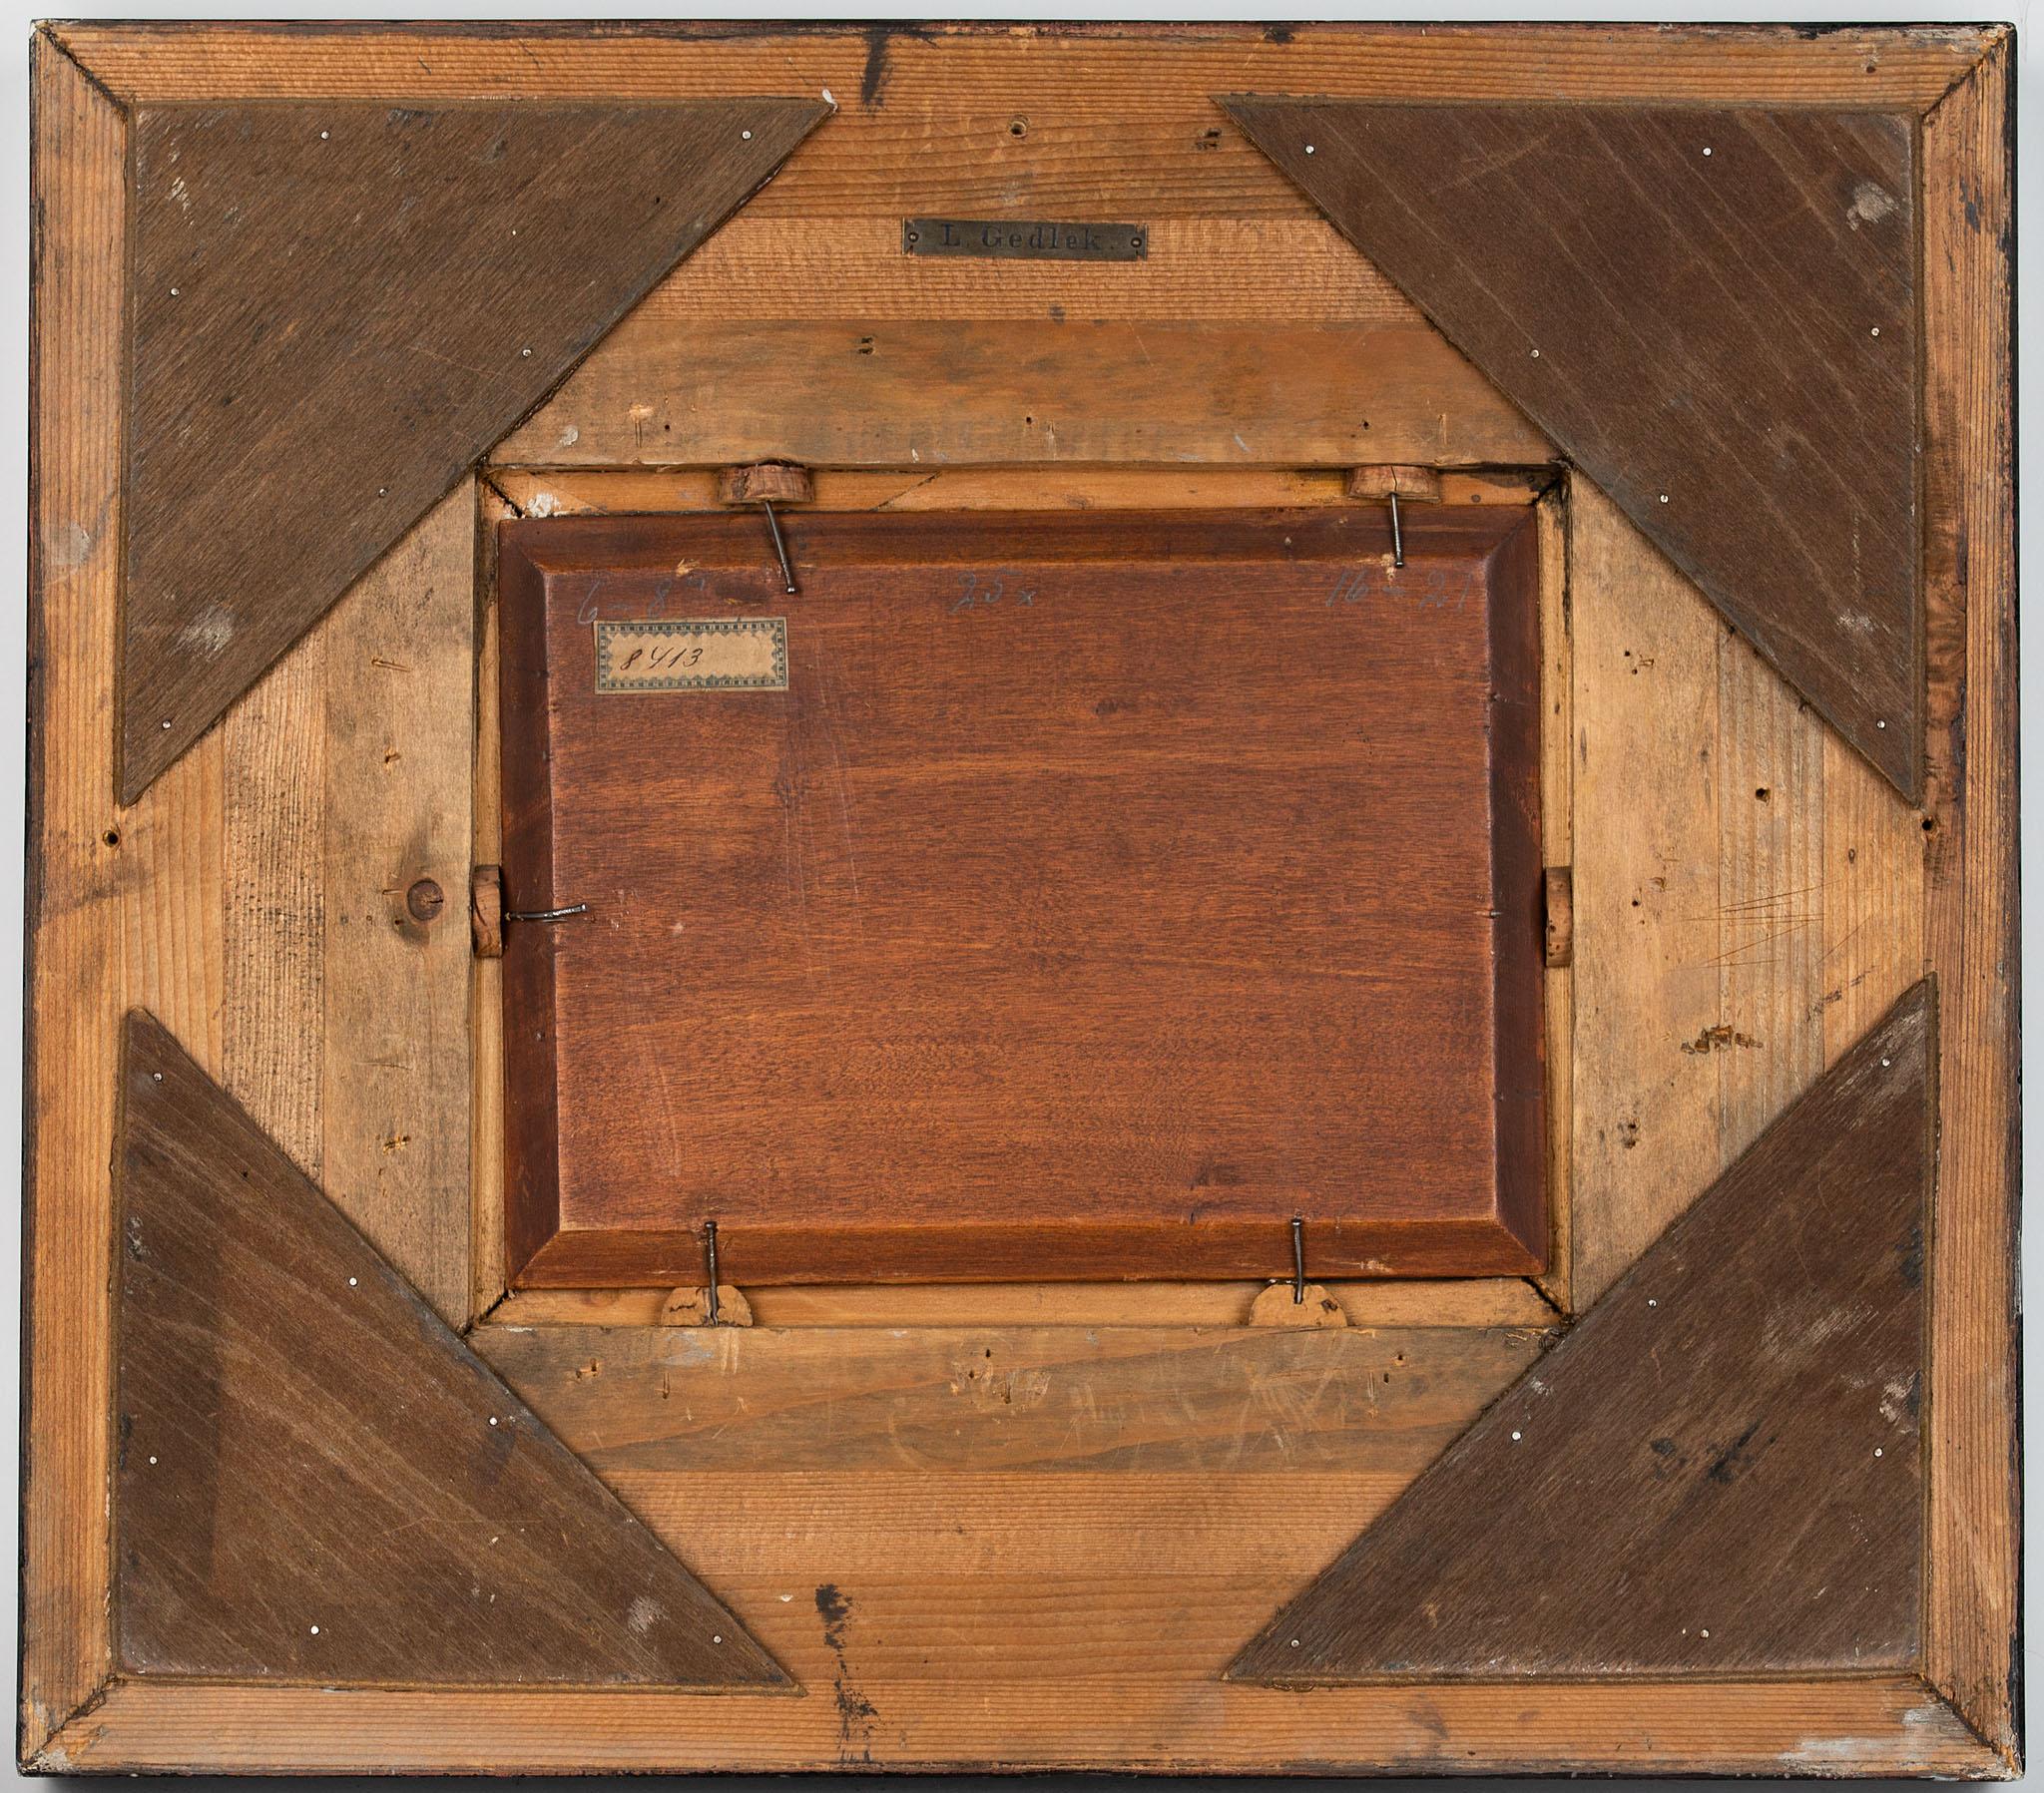 Szlachetne podobrazie w postaci mahoniowej, fazowanej deski użyte przez Ludwika Gędłka.